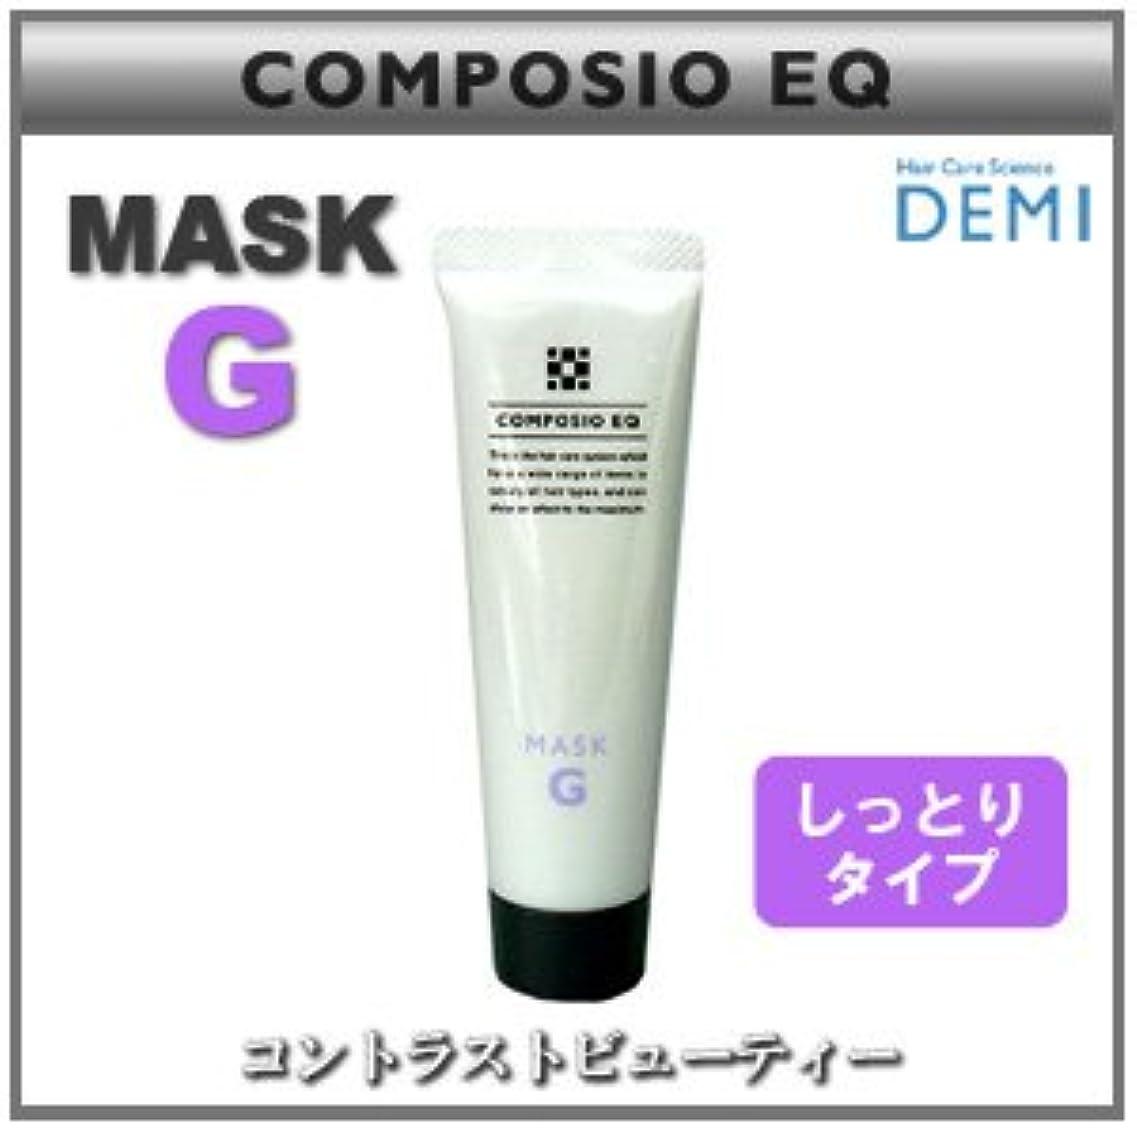 アナリスト海外臭い【X5個セット】 デミ コンポジオ EQ マスク G 50g